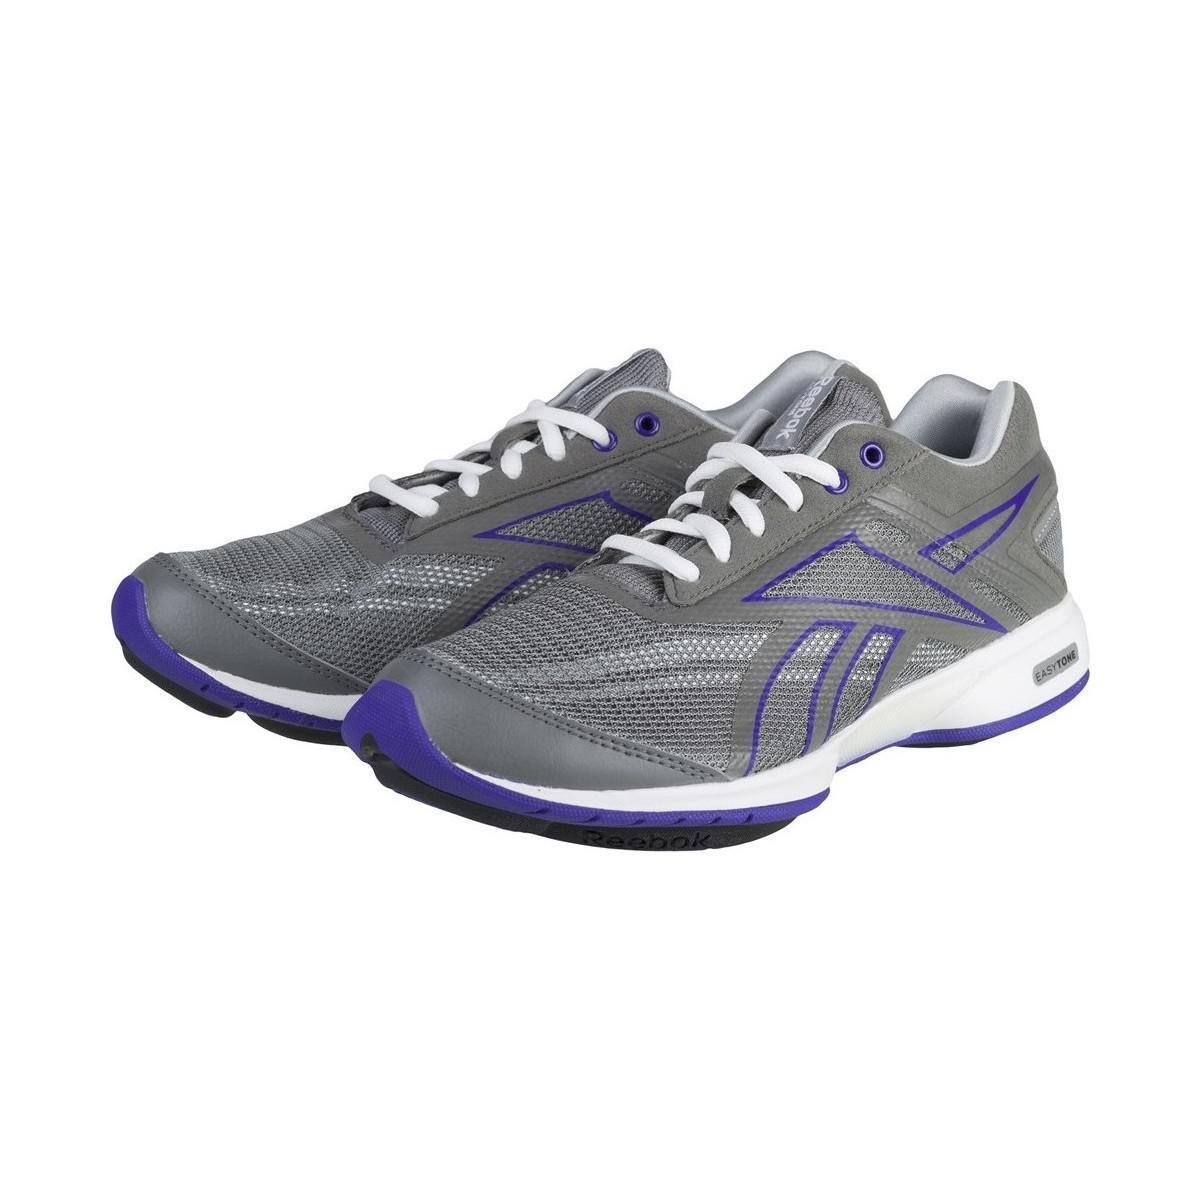 e9e4d6f51056 Reebok Easytone Reenew Iii Women s Shoes (trainers) In White in ...